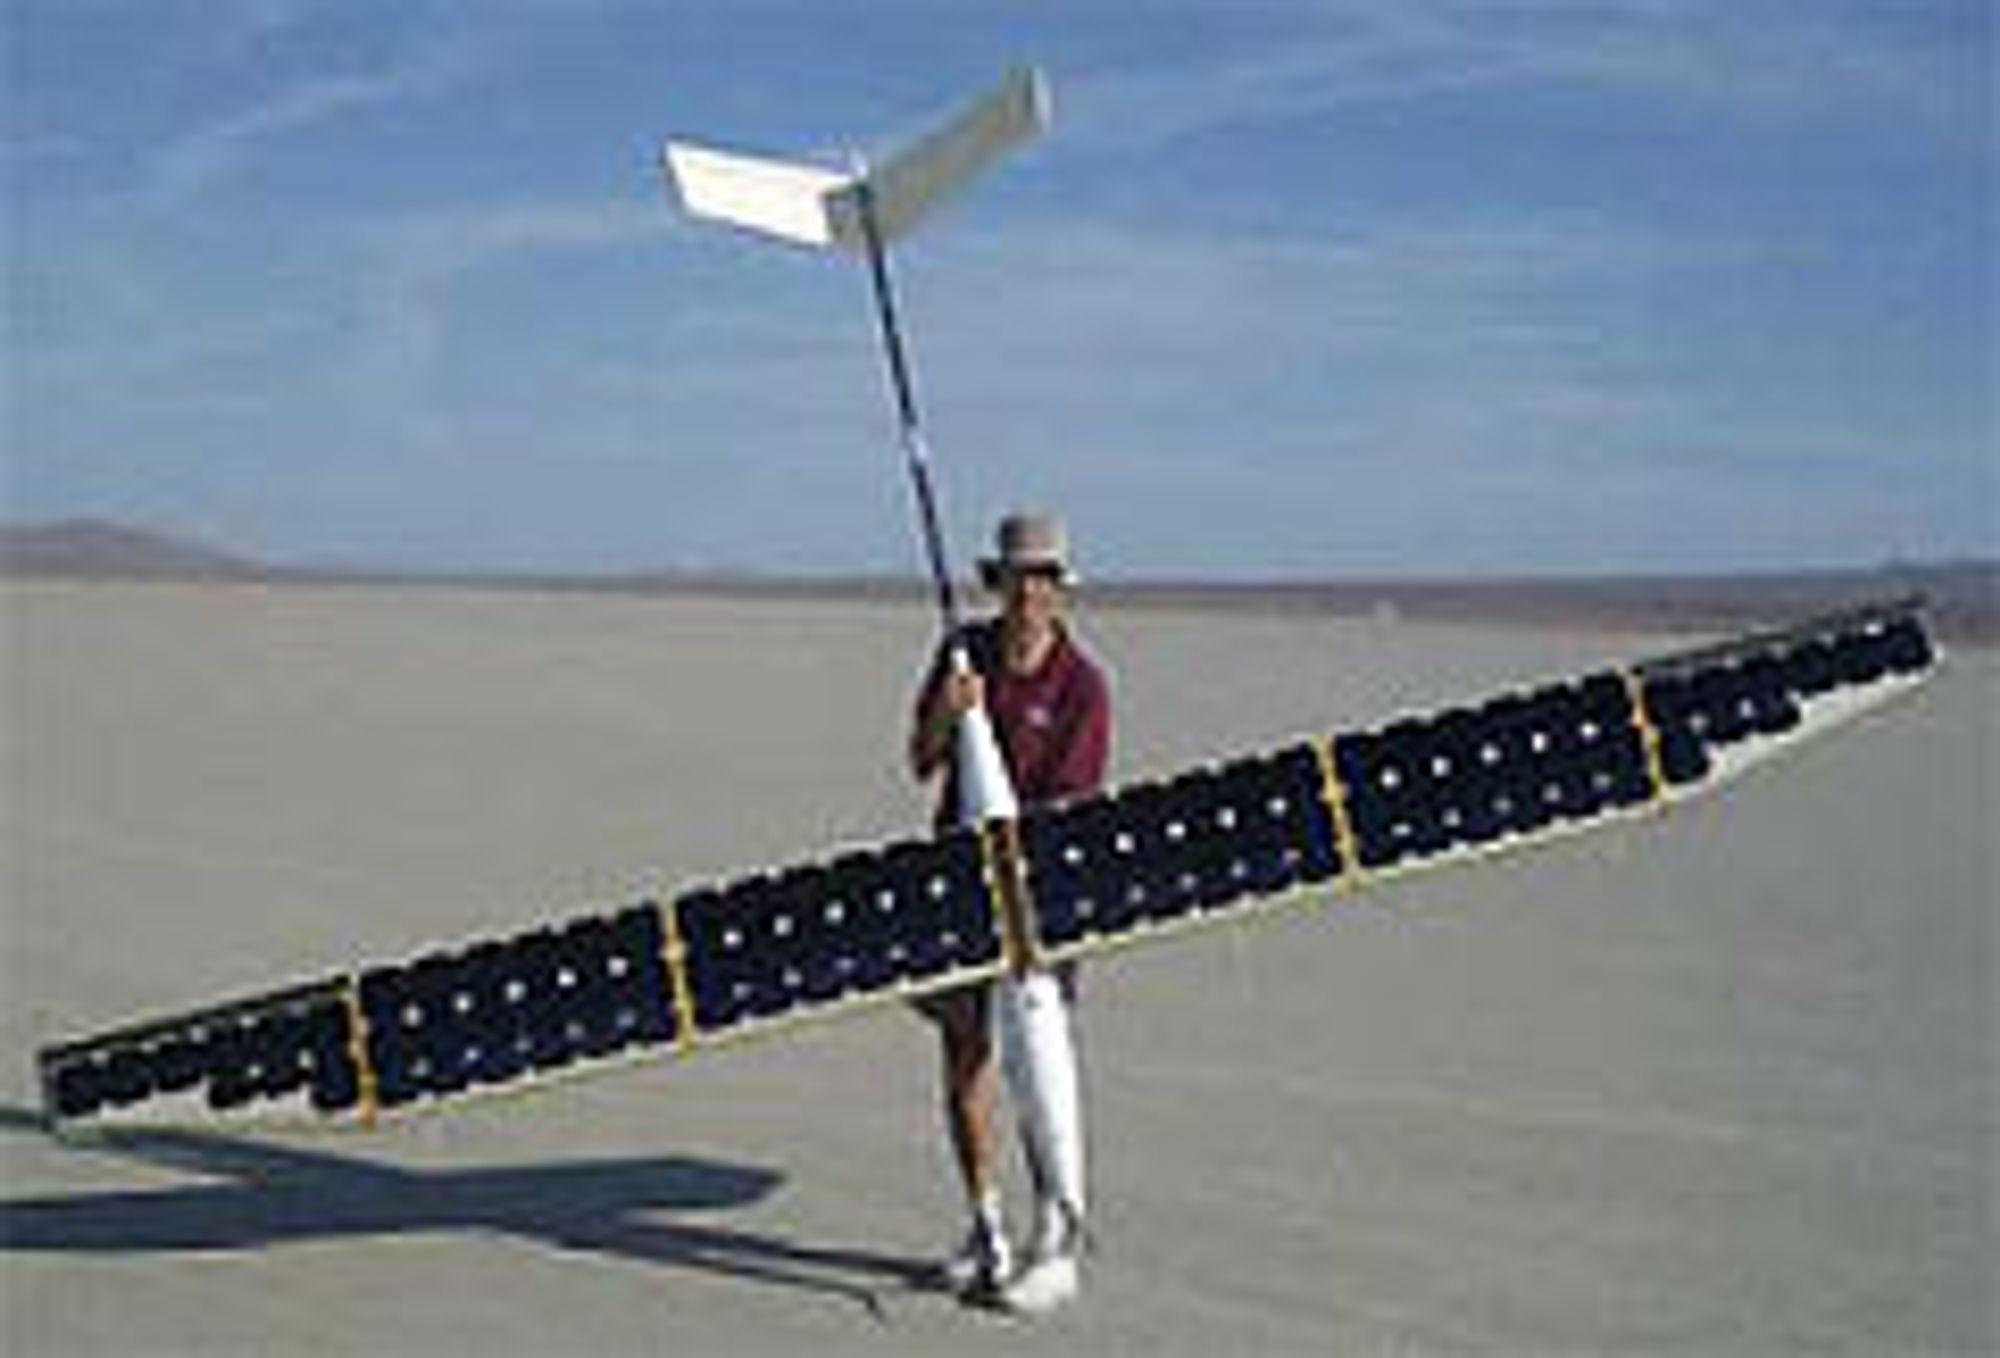 Fem meter i vingespenn, 15 kilo tungt, 76 solceller på vingene og kapasitet til å fly til evig tid; det solcelledrevne, ubemannede flyet SoLong er nå et faktum. FOTO AC PROPULSION